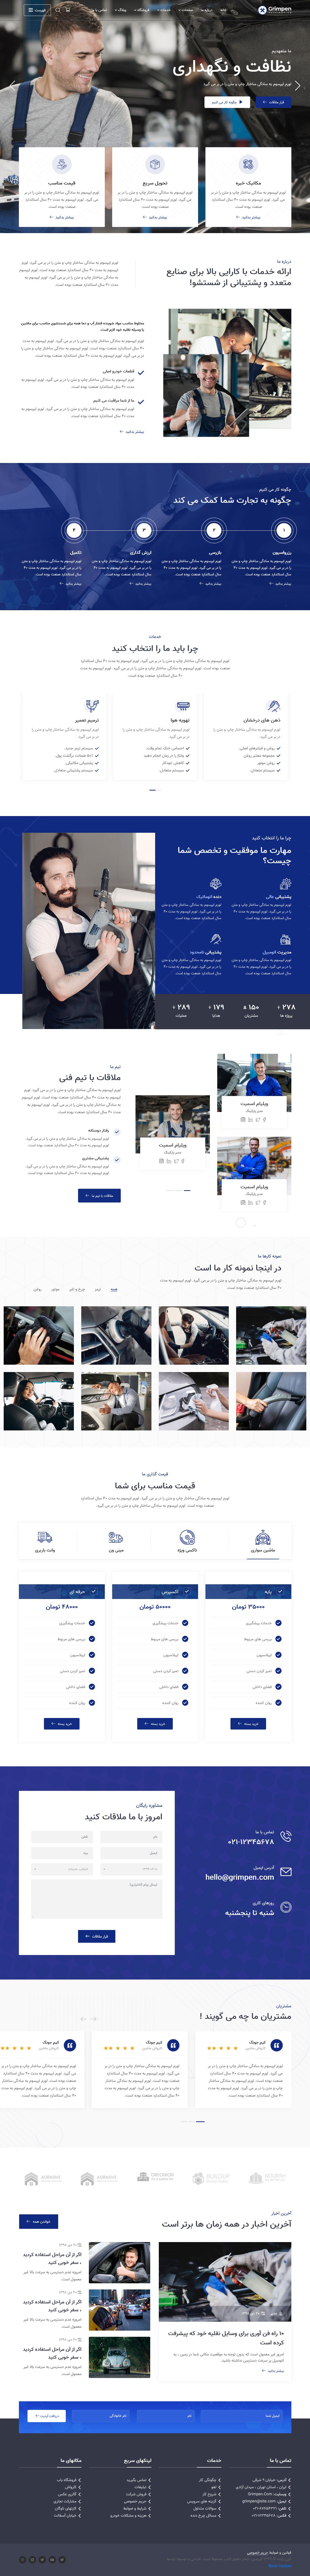 قالب HTML Grimpen | قالب HTML شرکتی سایت نظافت و نگهداری اتومبیل